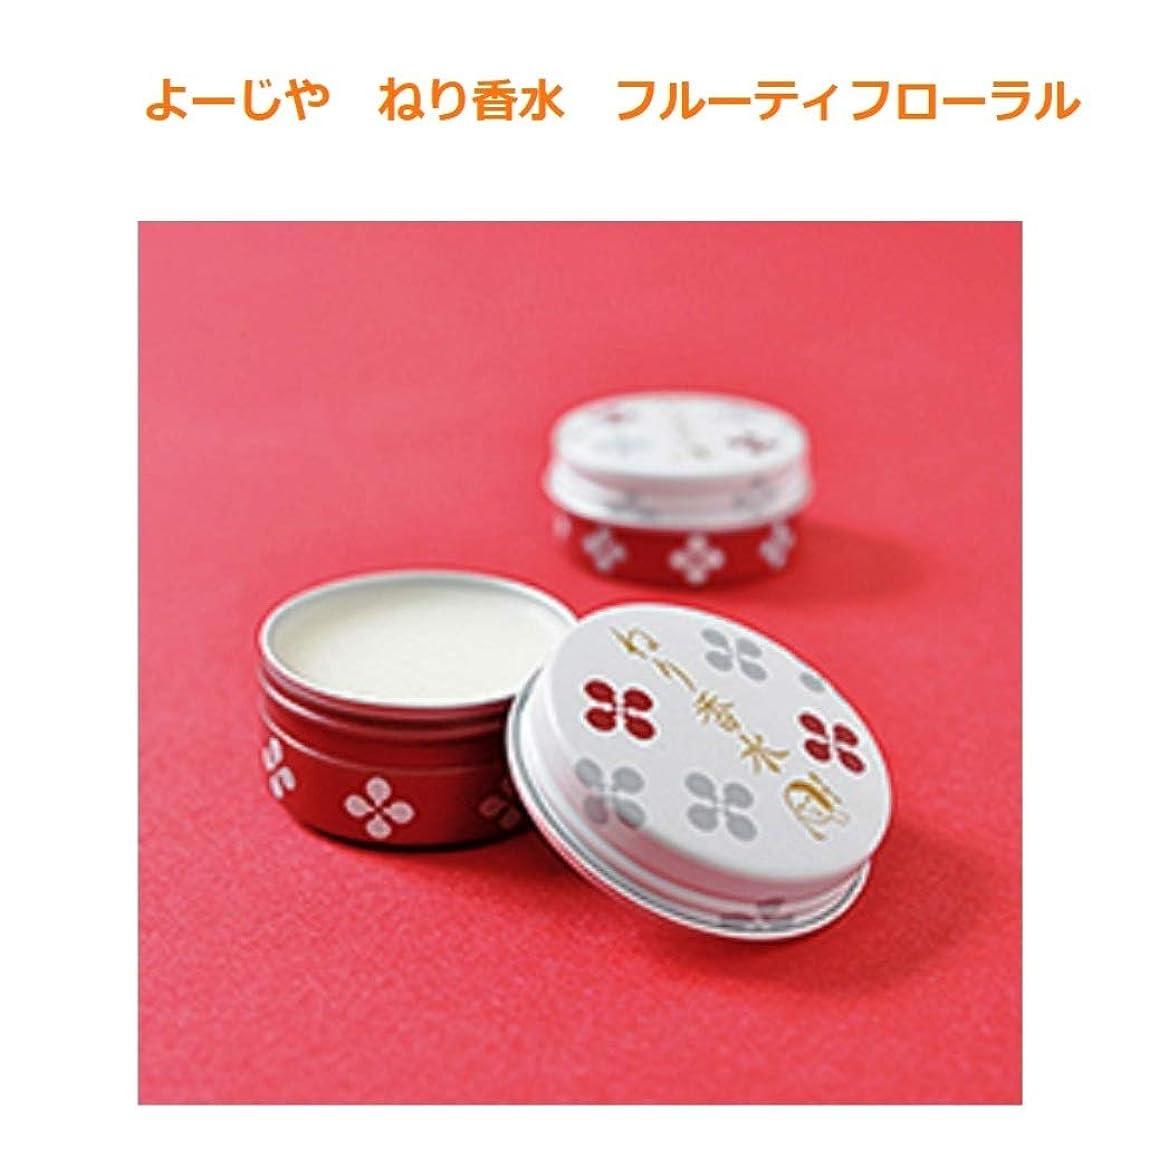 手書きトイレトロリーバスよーじや ねり香水 (フルーティフローラル)10g